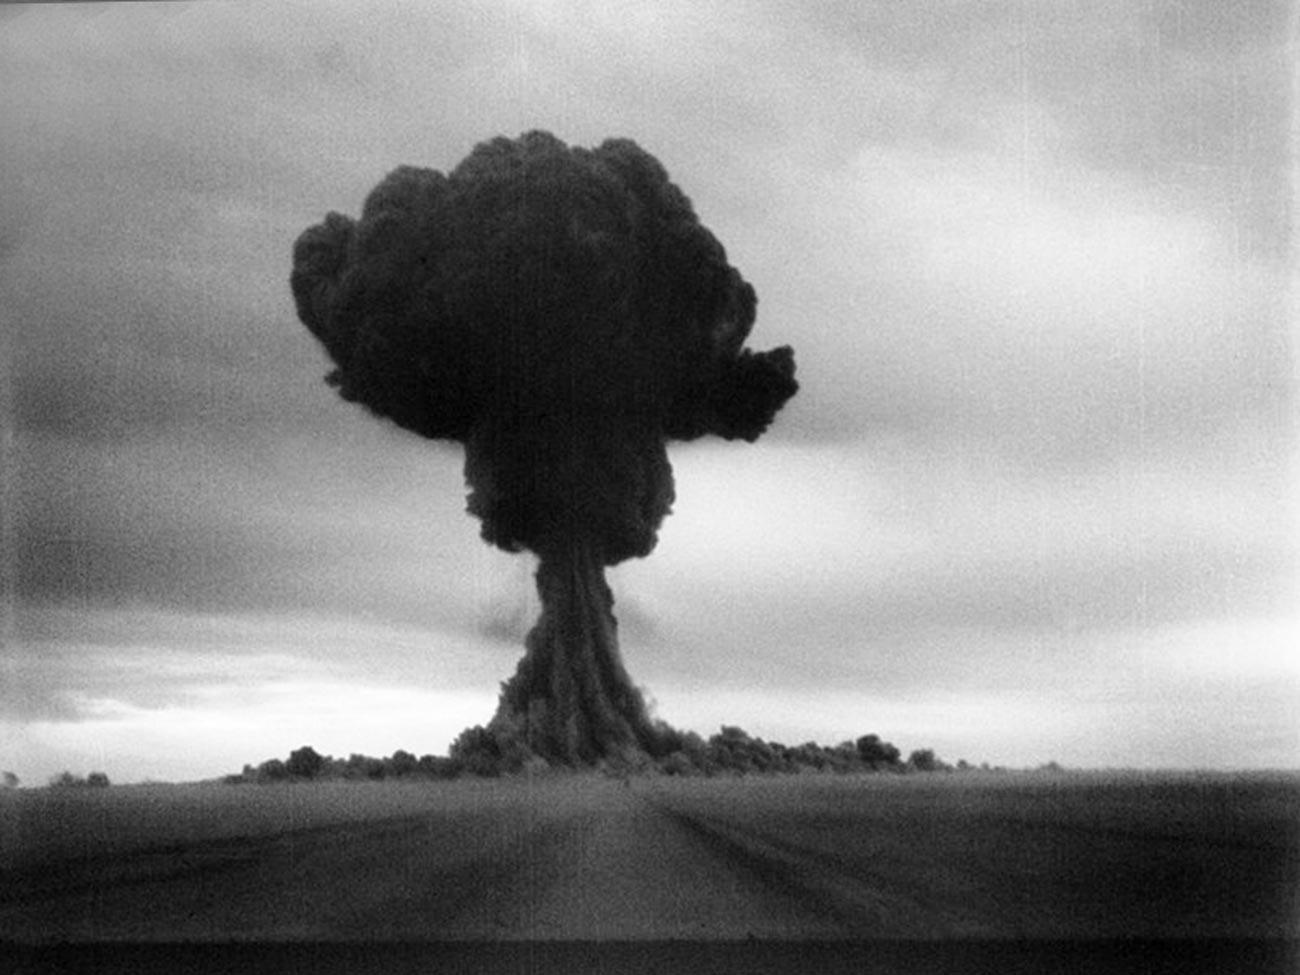 União Soviética detonou sua primeira bomba atômica em 29 de agosto de 1949, no local de testes de Semipalatinsk, no Cazaquistão